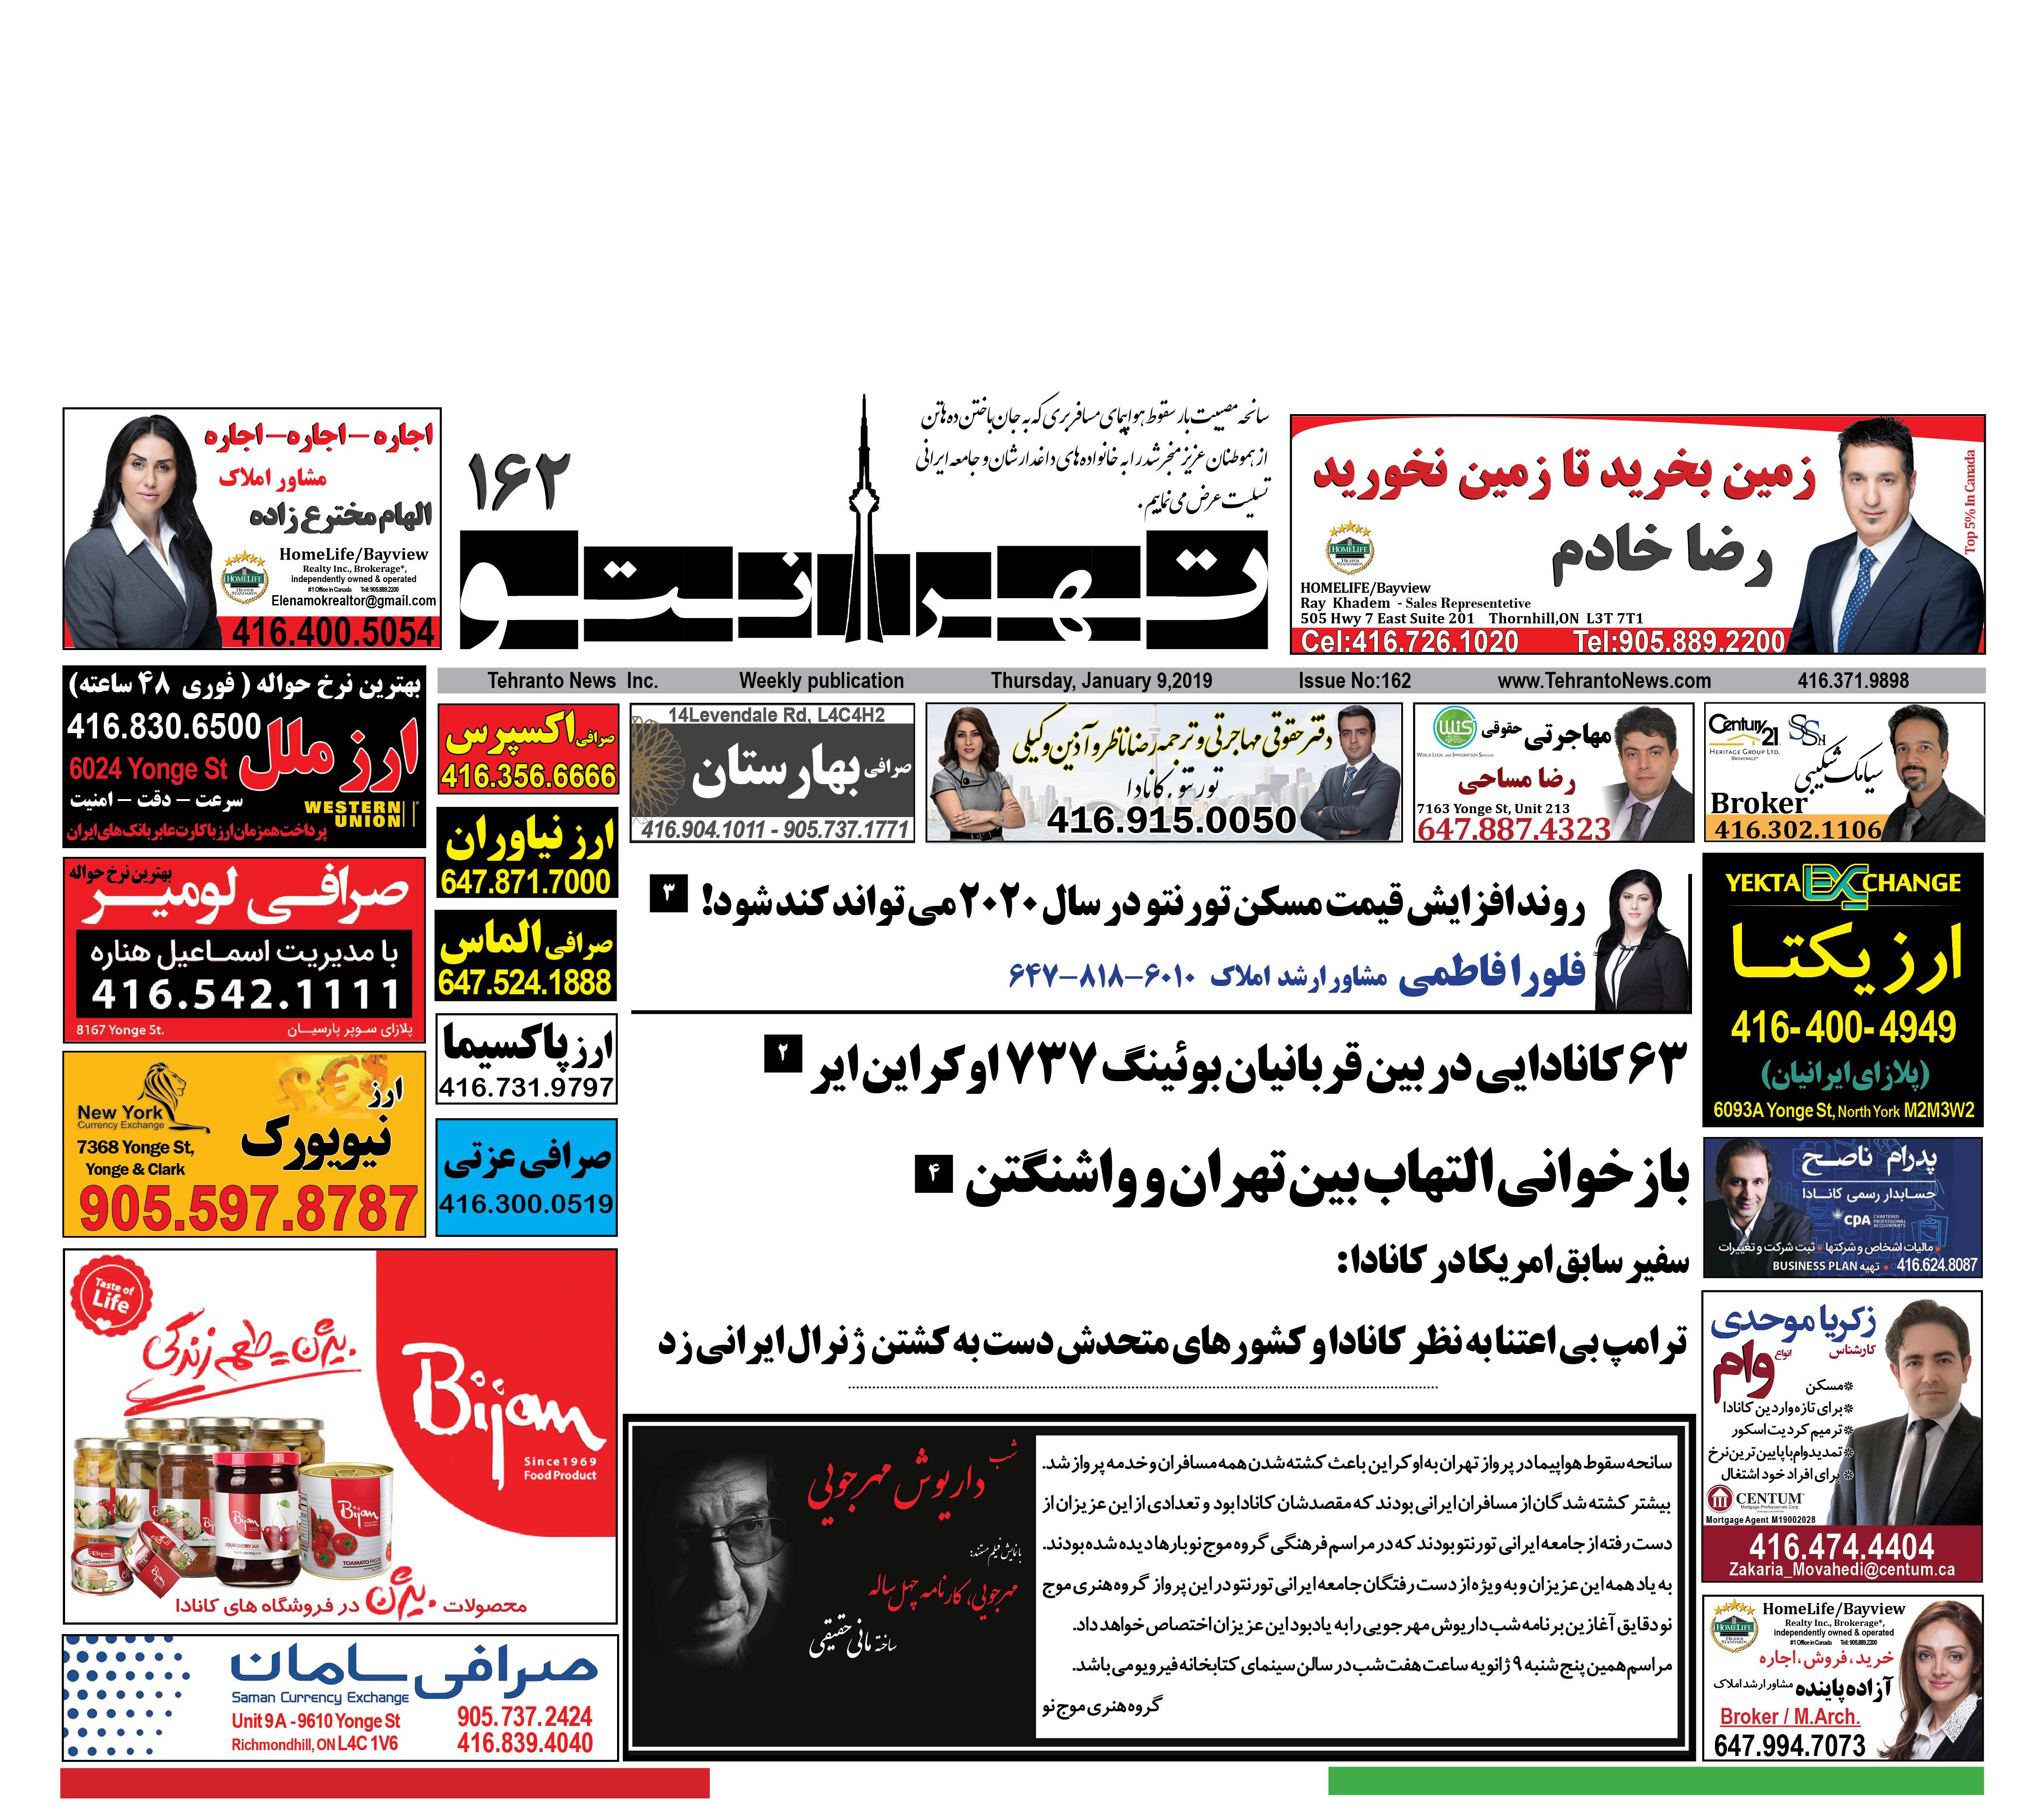 تصویر از نشریه شماره ۱۶۲ تهرانتو منتشر شد